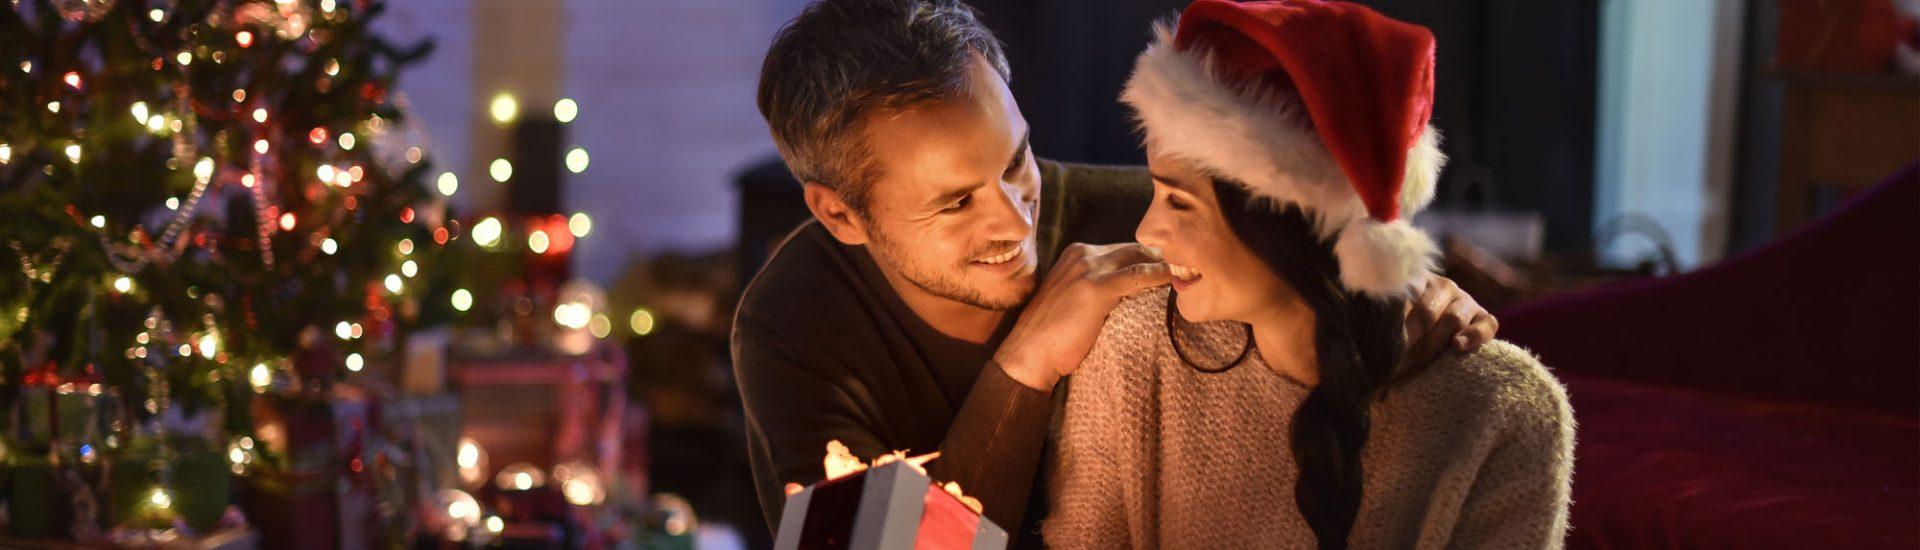 Weihnachtsgeschenke für den Partner - Top 10 Inspirationen